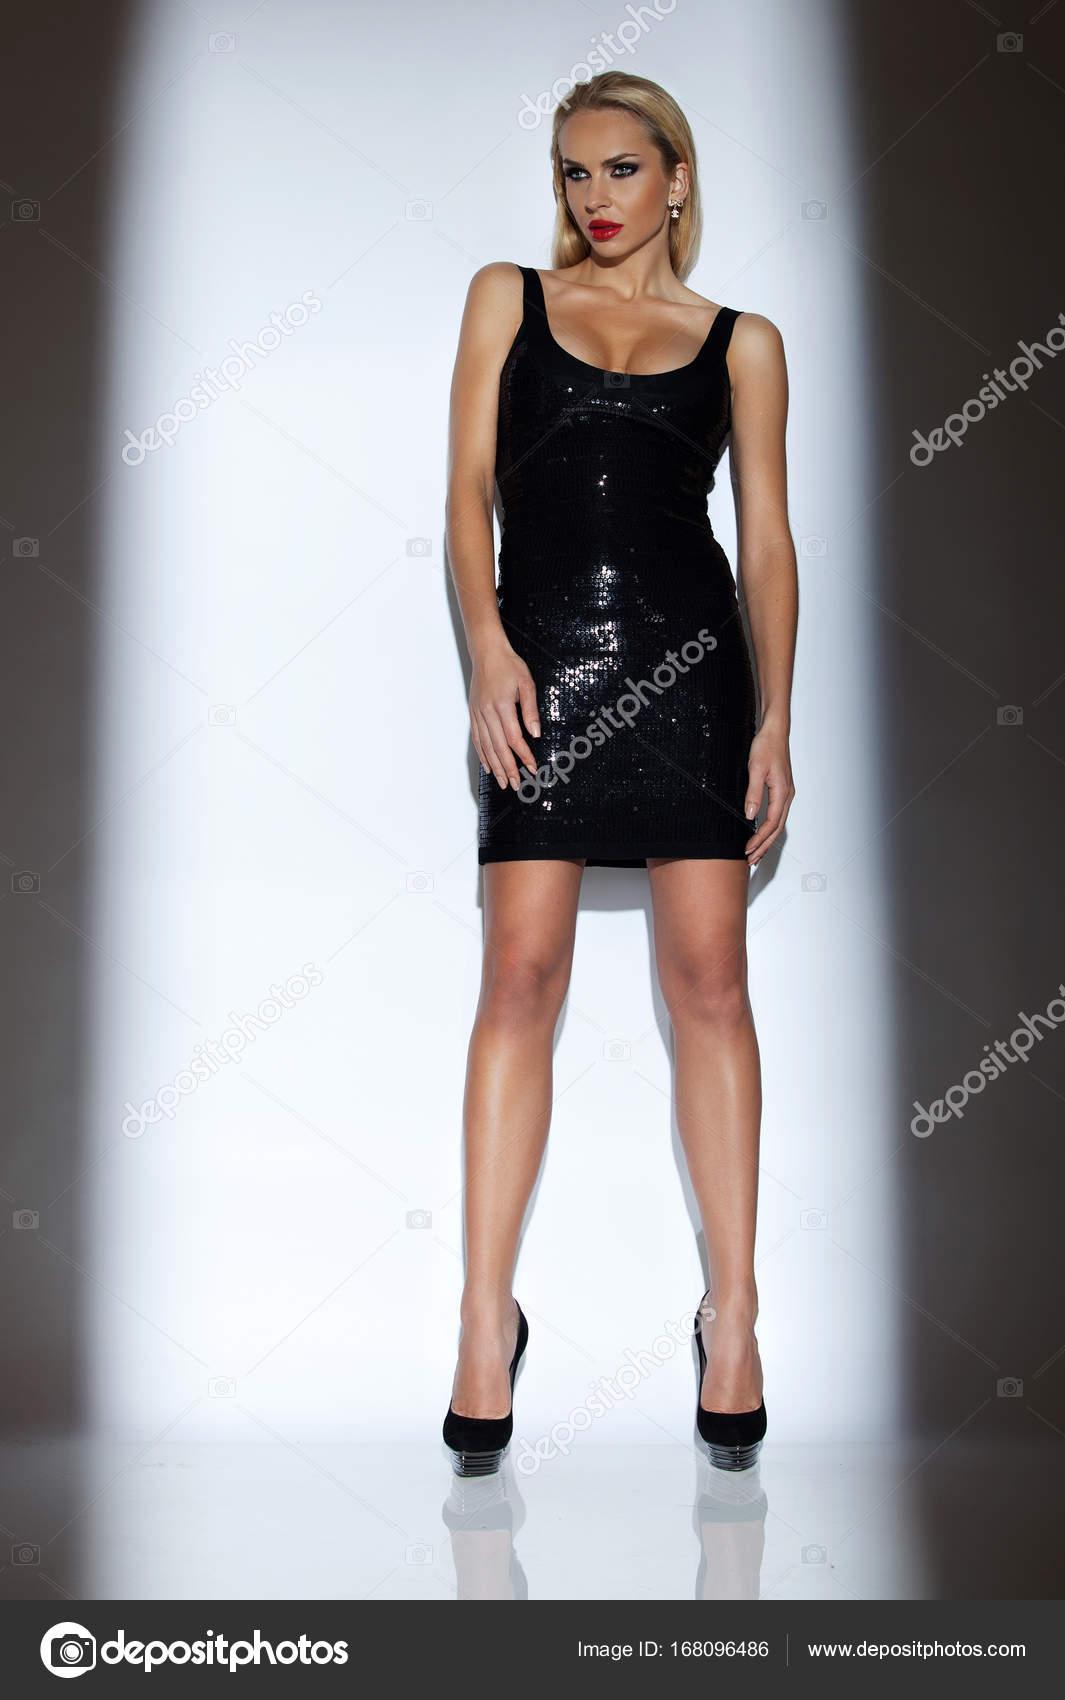 Schön, sexy blonde Frau im eleganten Kleid auf einem weißen ...